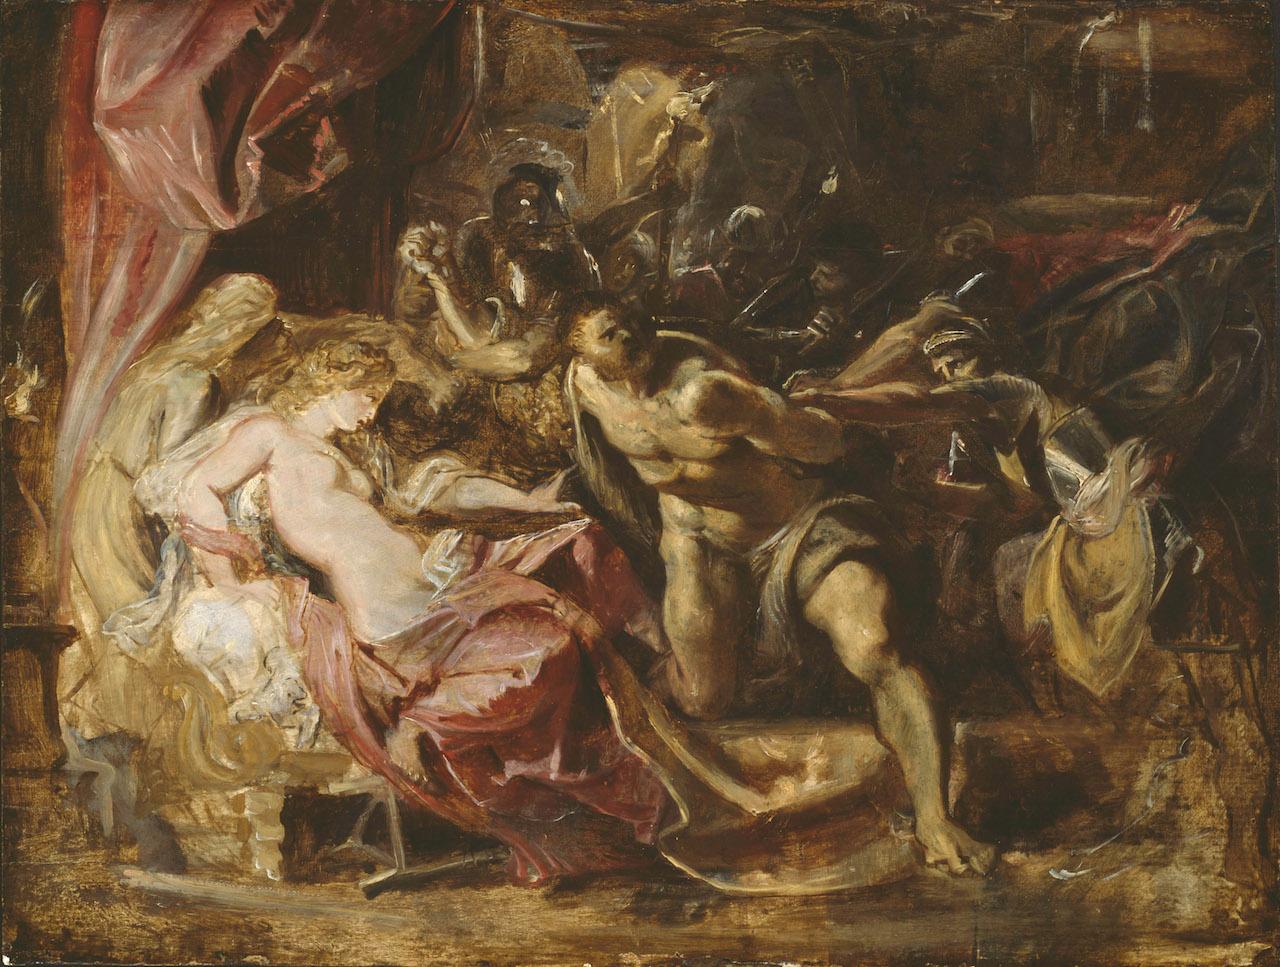 Rubens, La cattura di Sansone